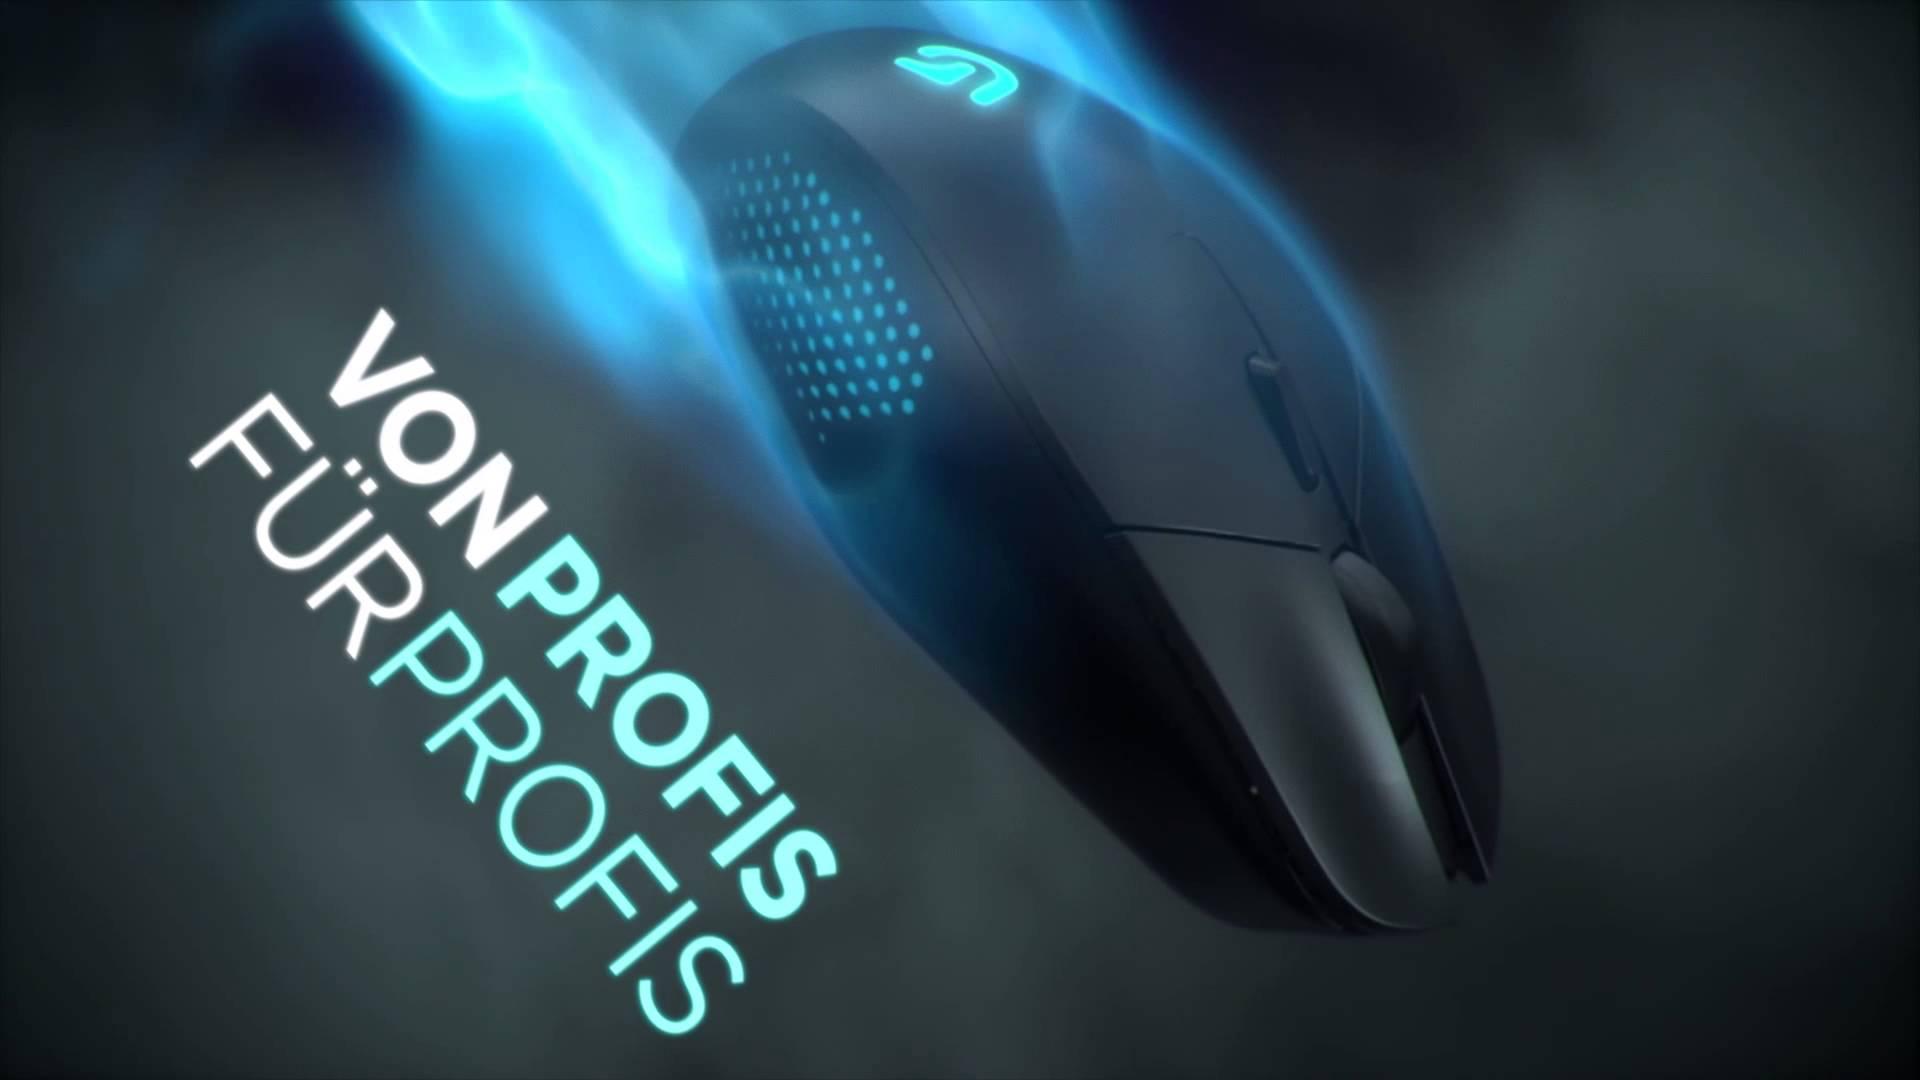 Logitech präsentiert MOBA-Gaming-Maus